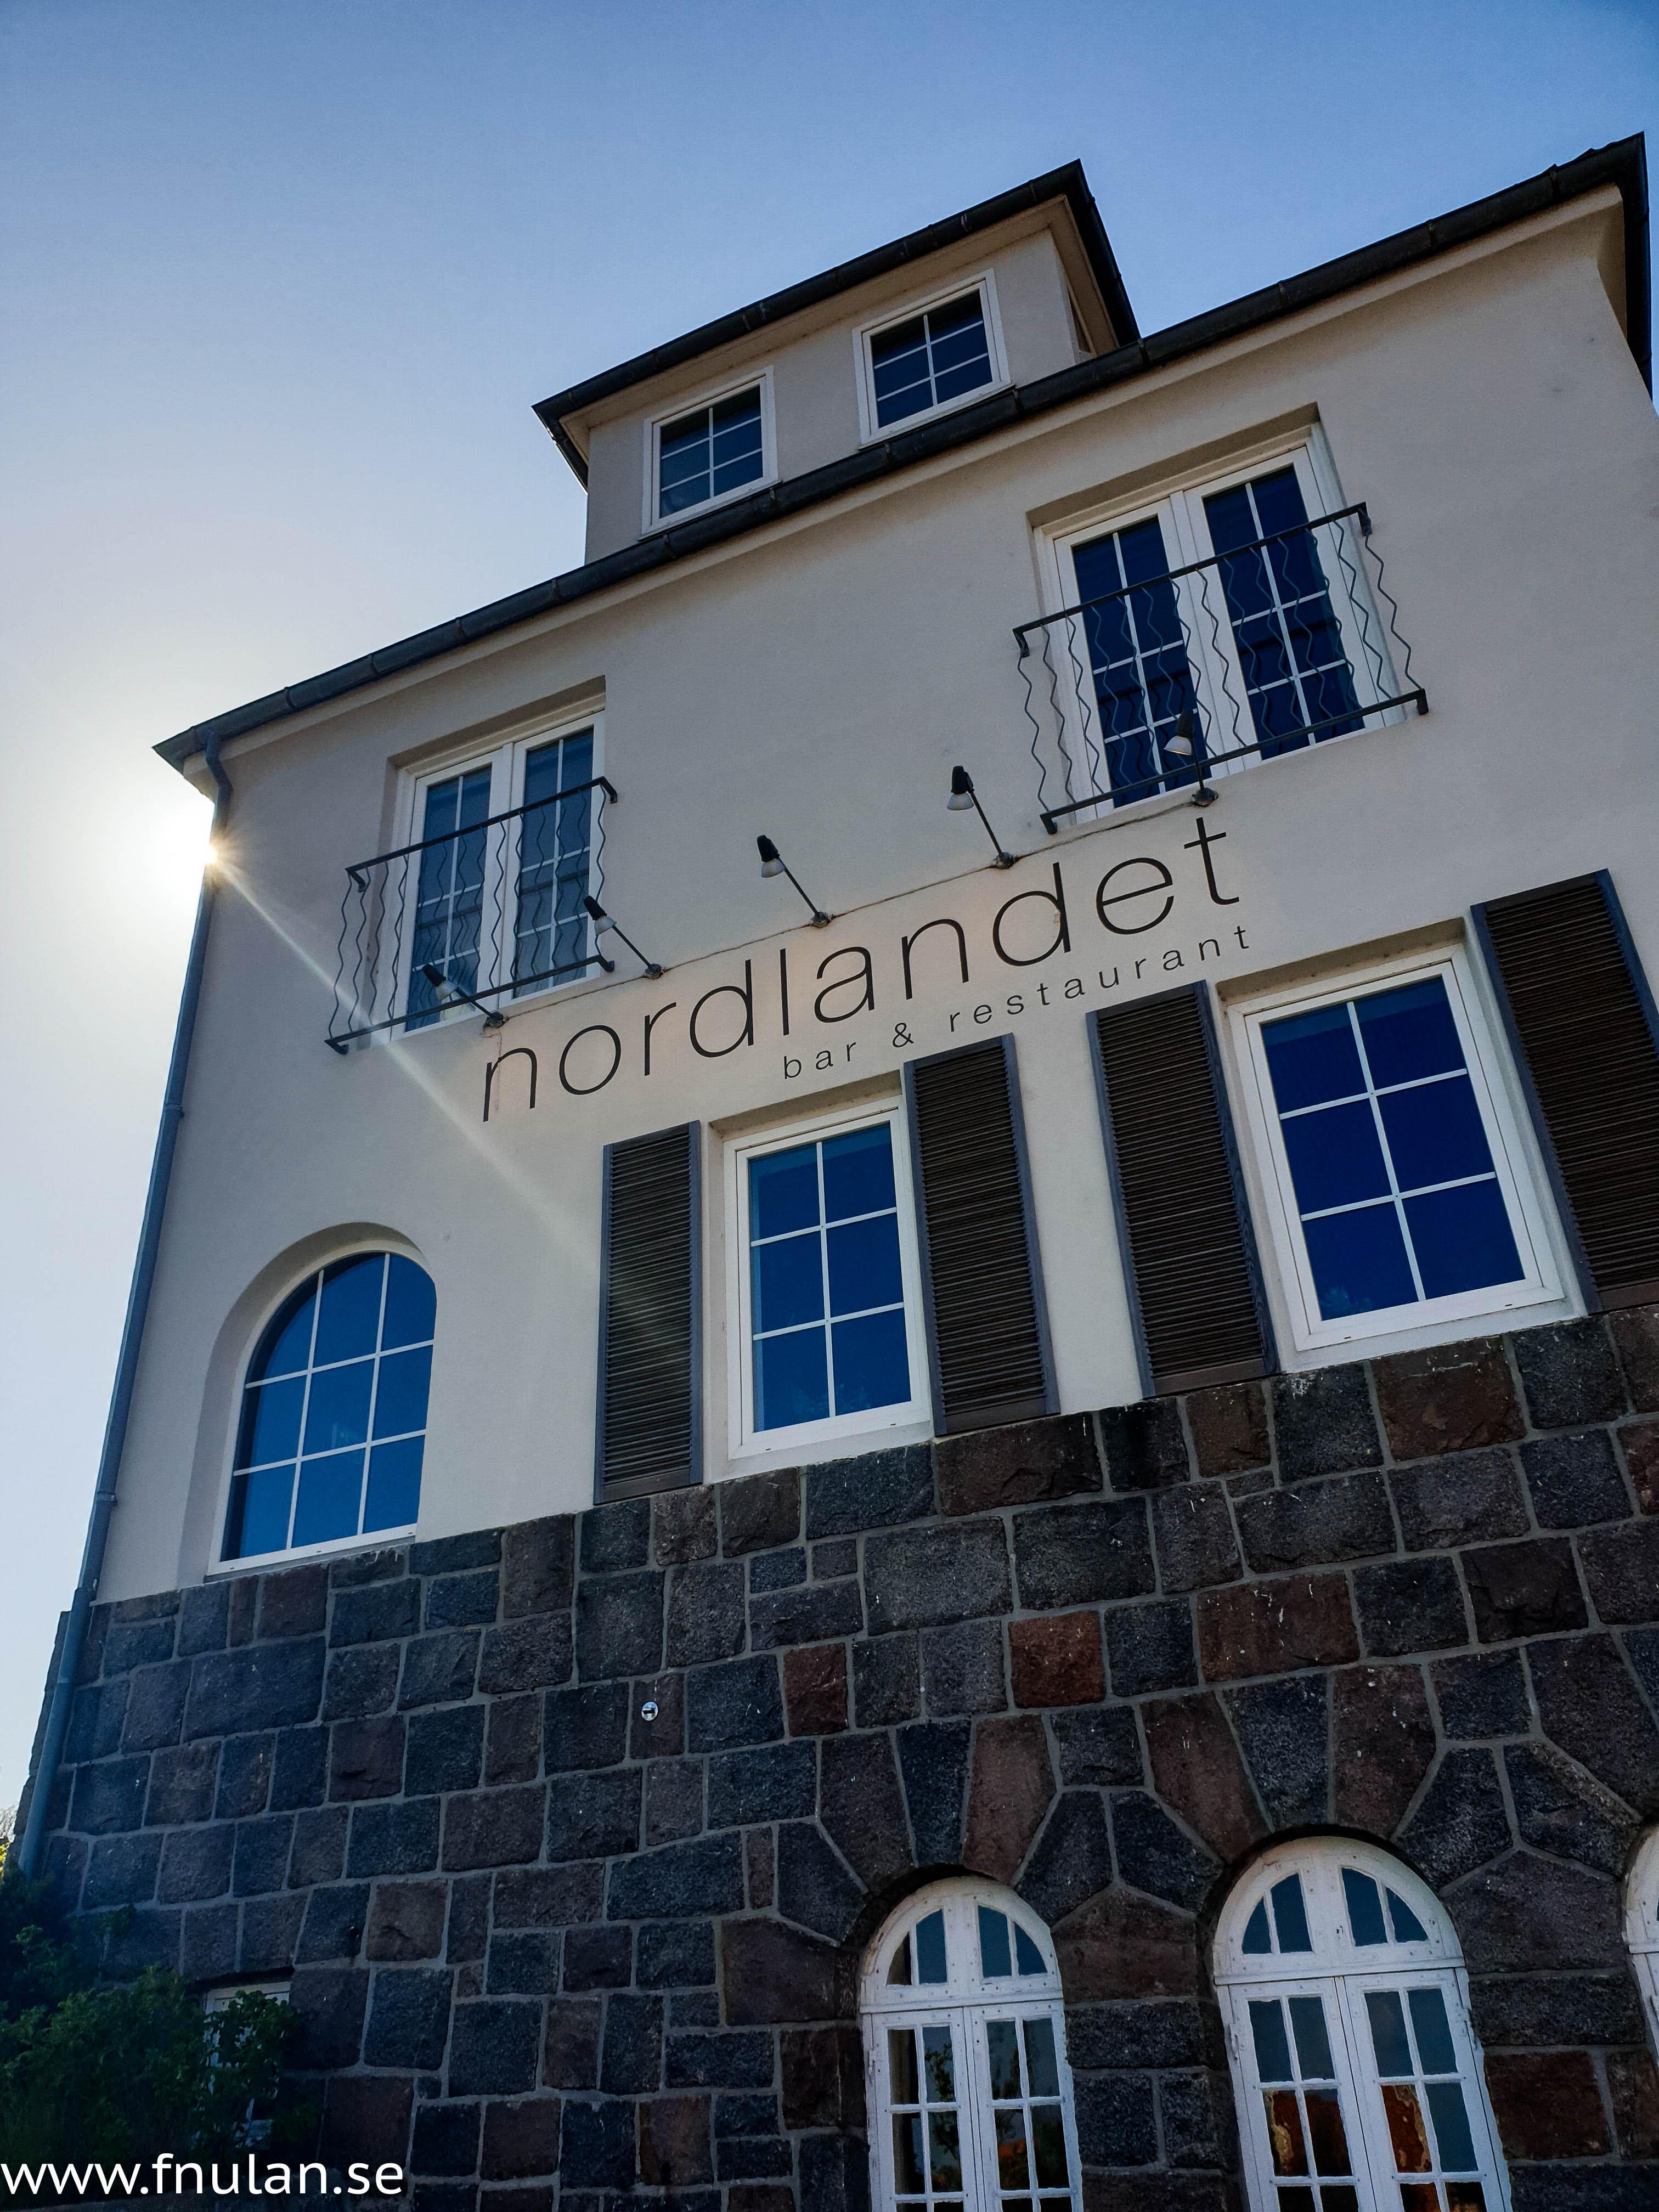 Bornholm Nordlandet hotellet